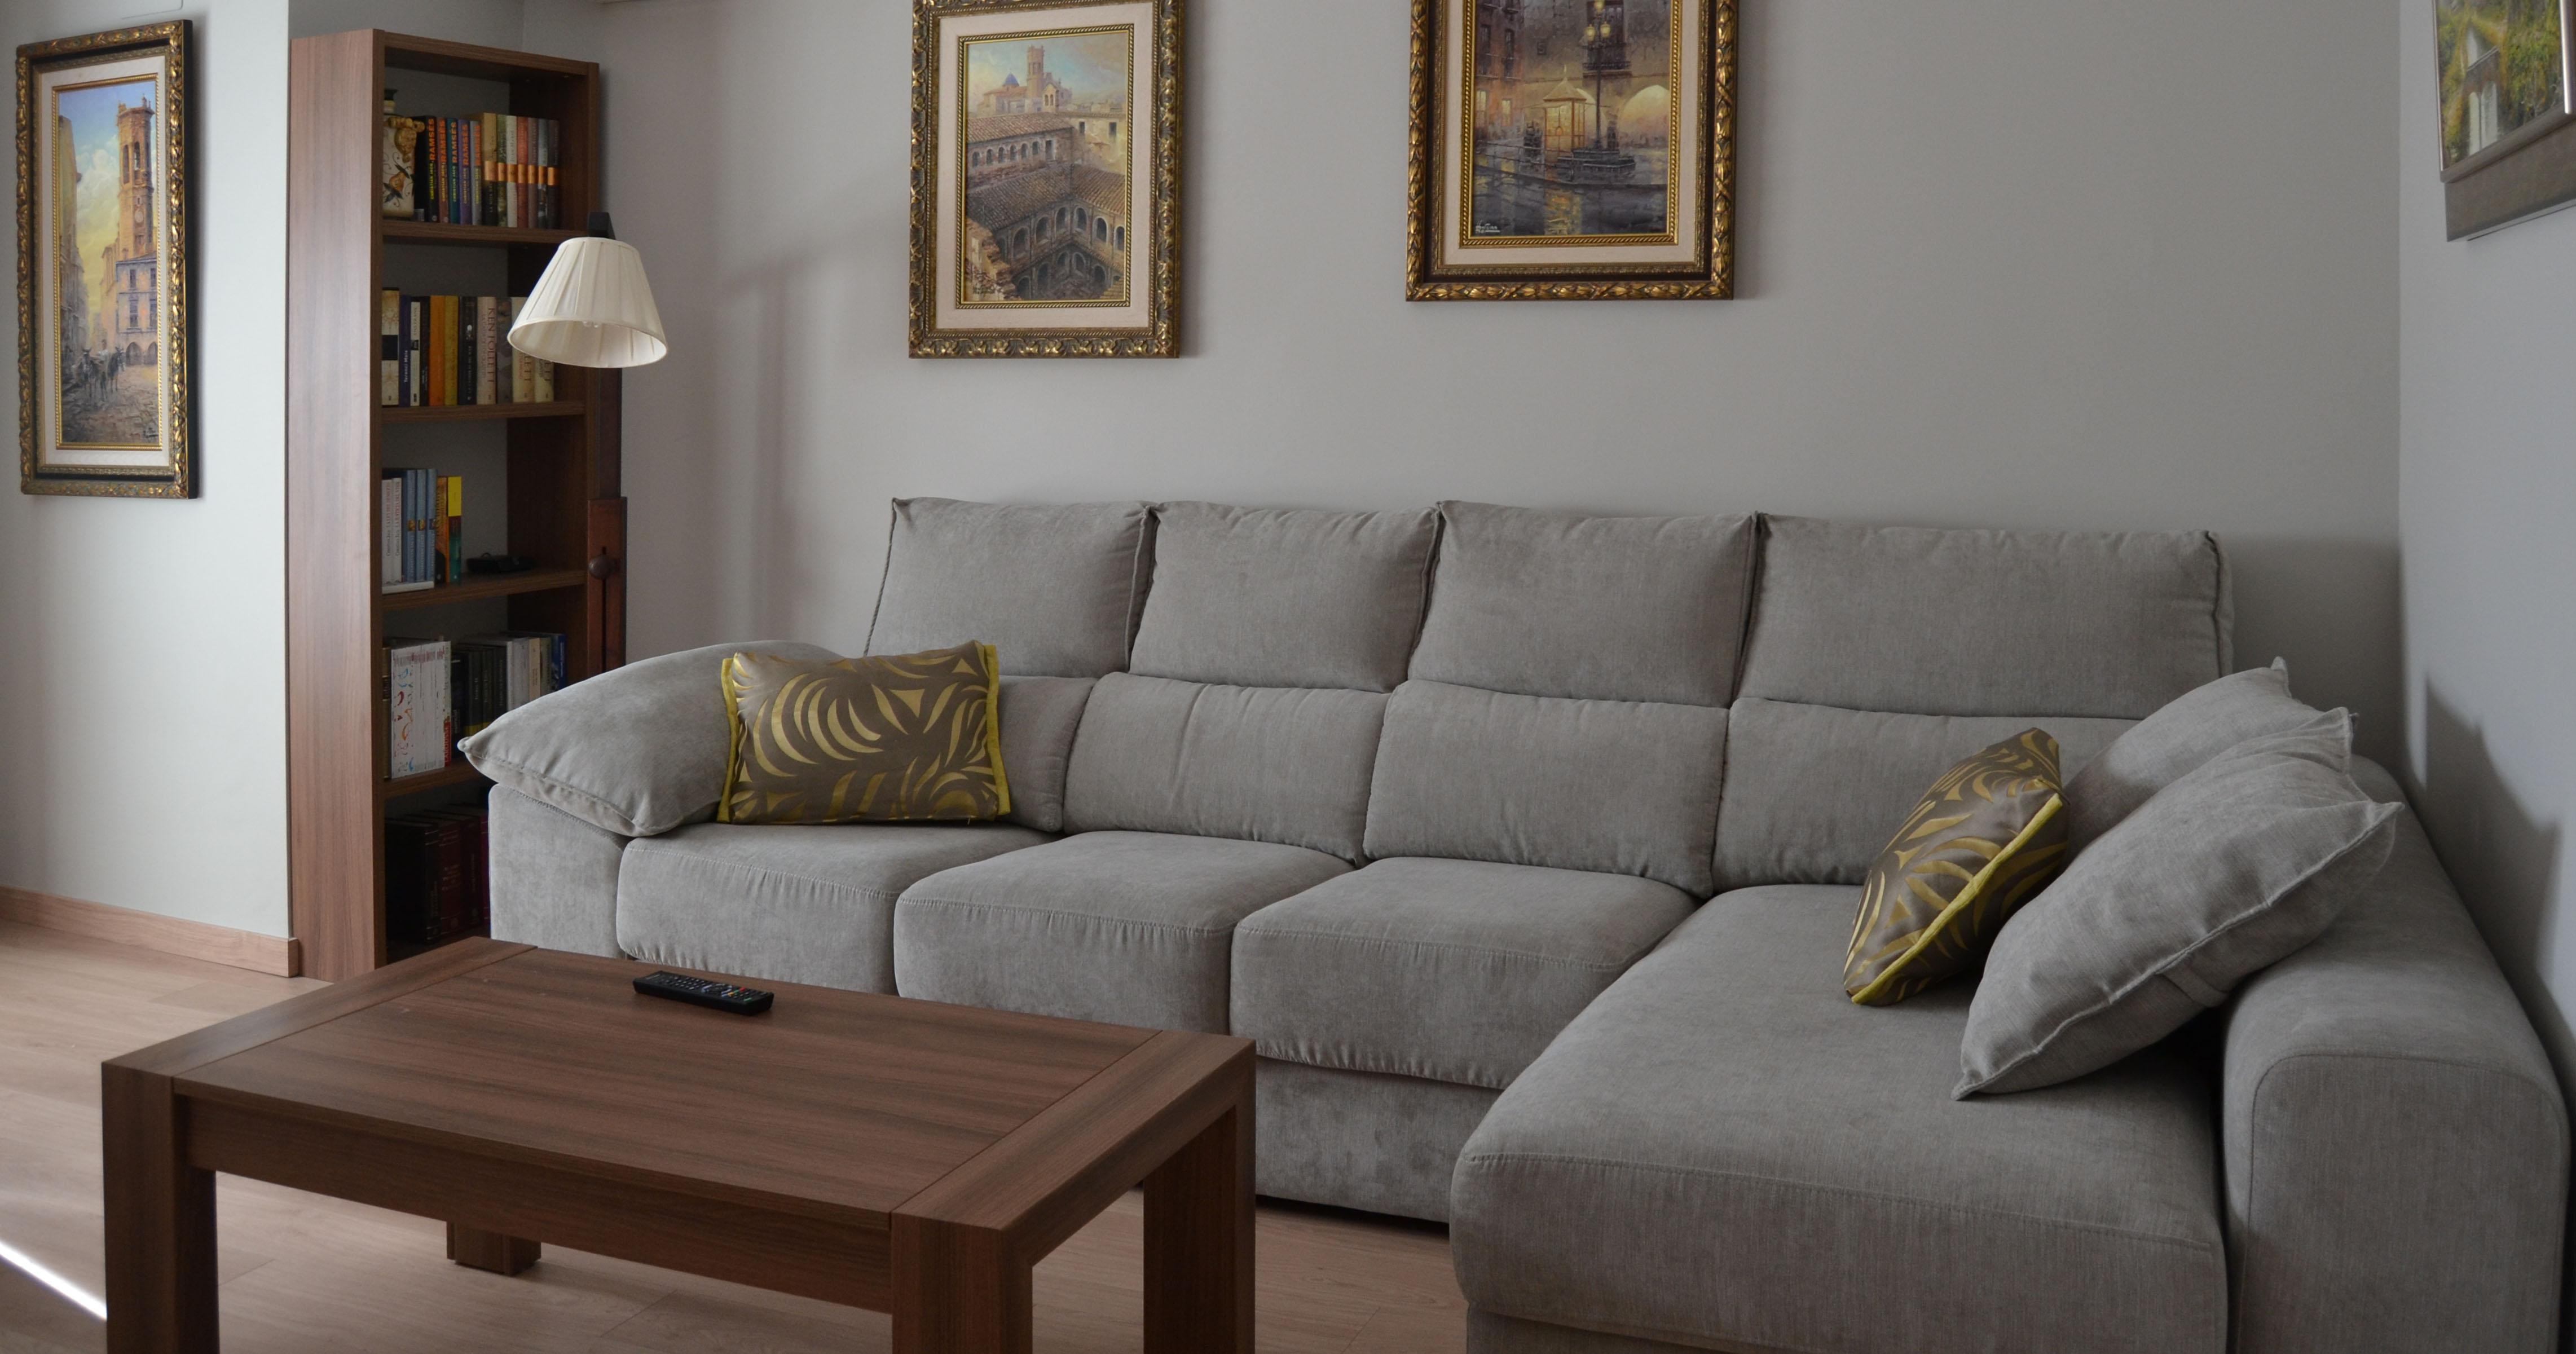 Sof gris con cojines en tonos amarillos villalba - Visillos para salones ...